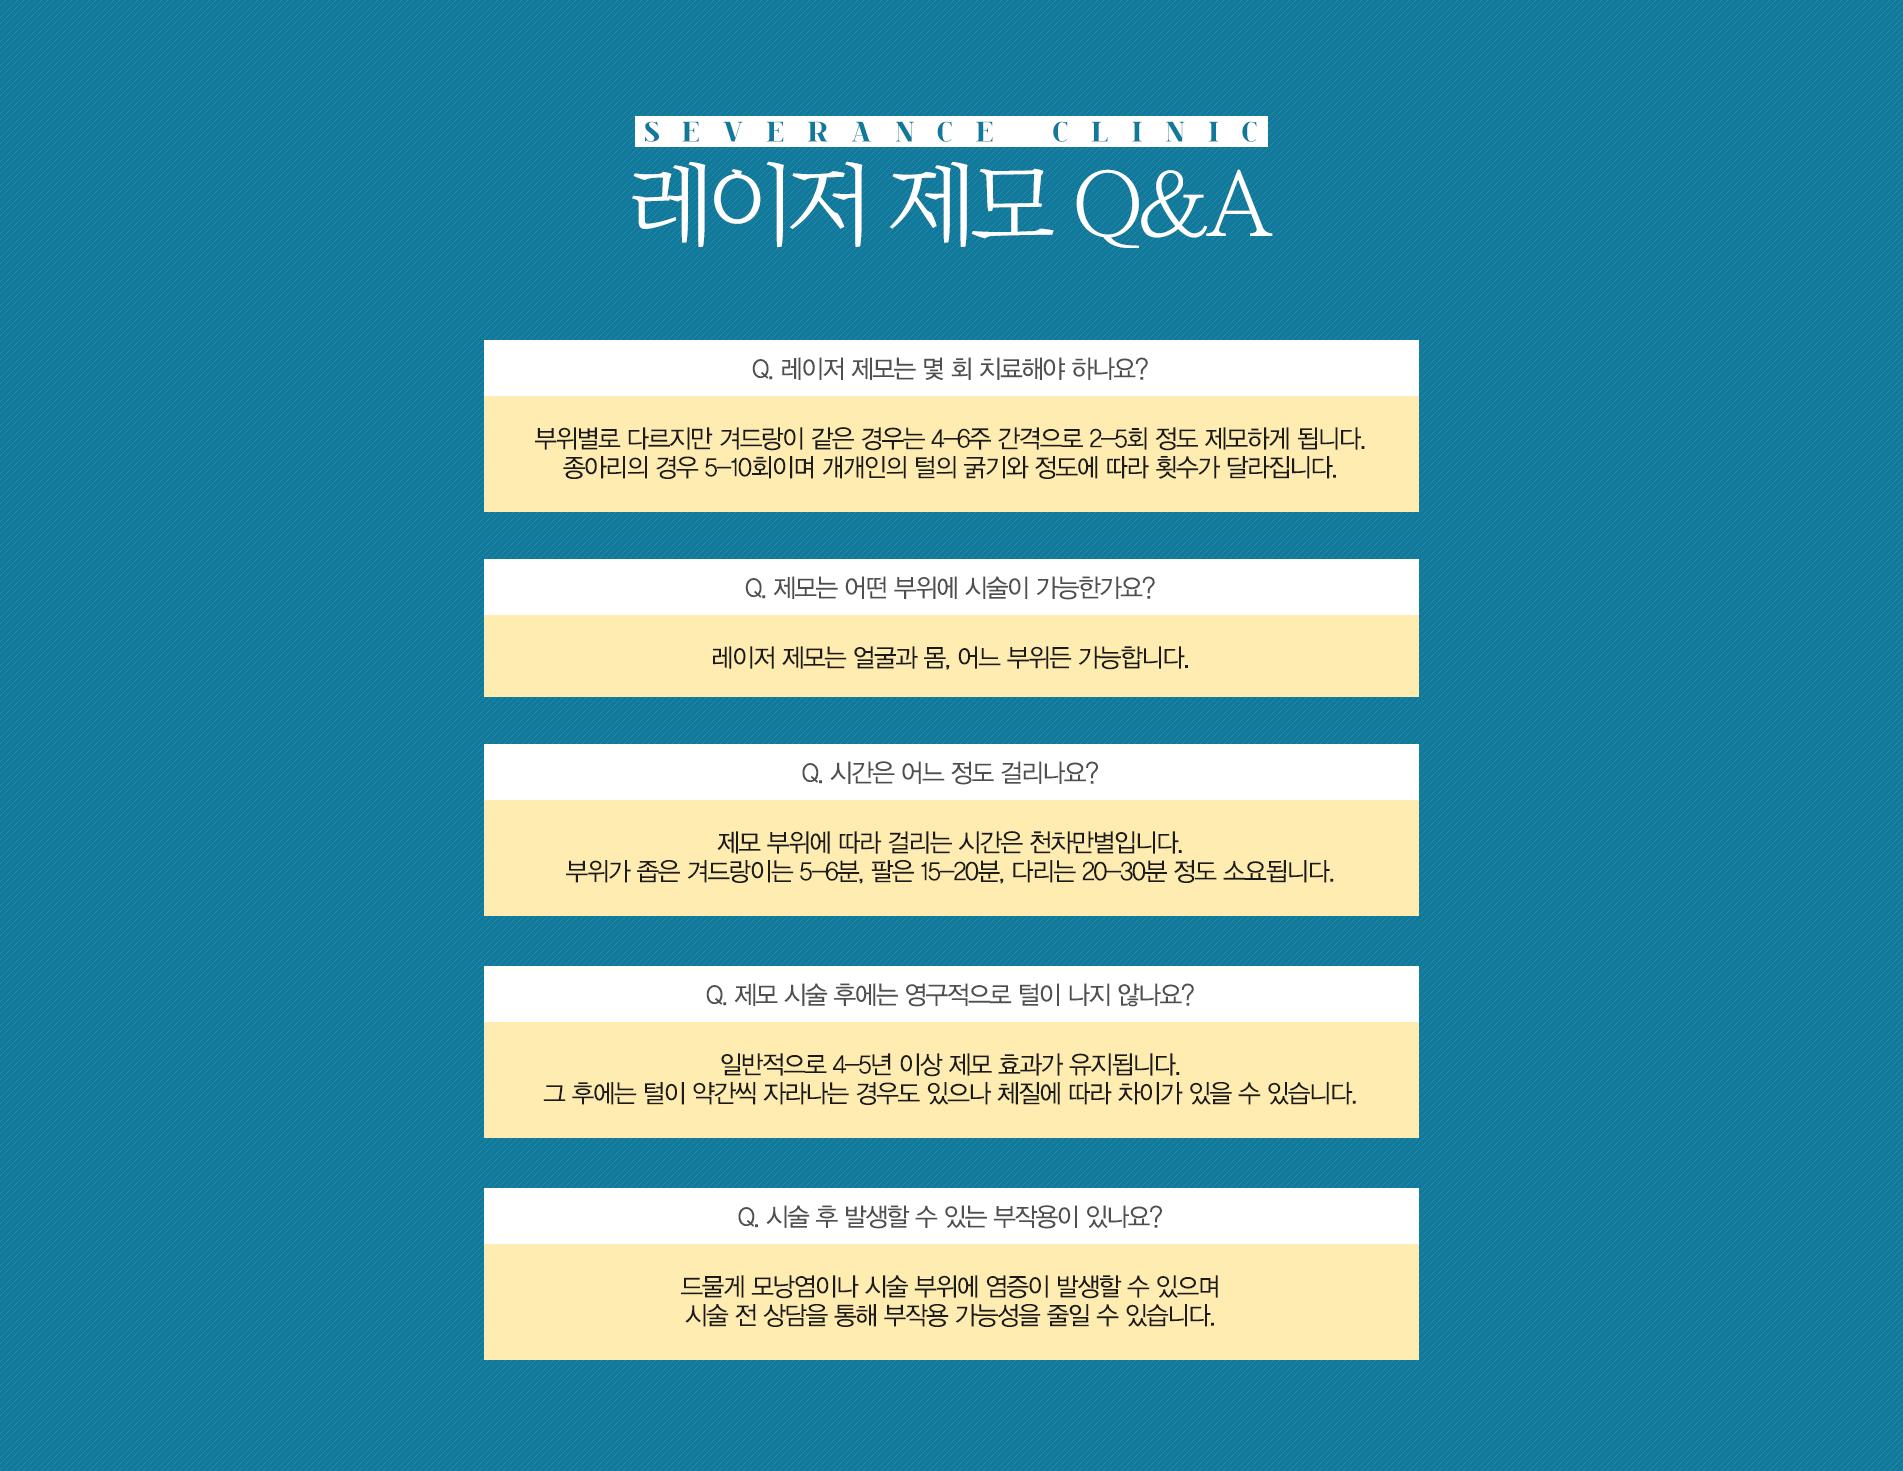 레이저제모 Q&A